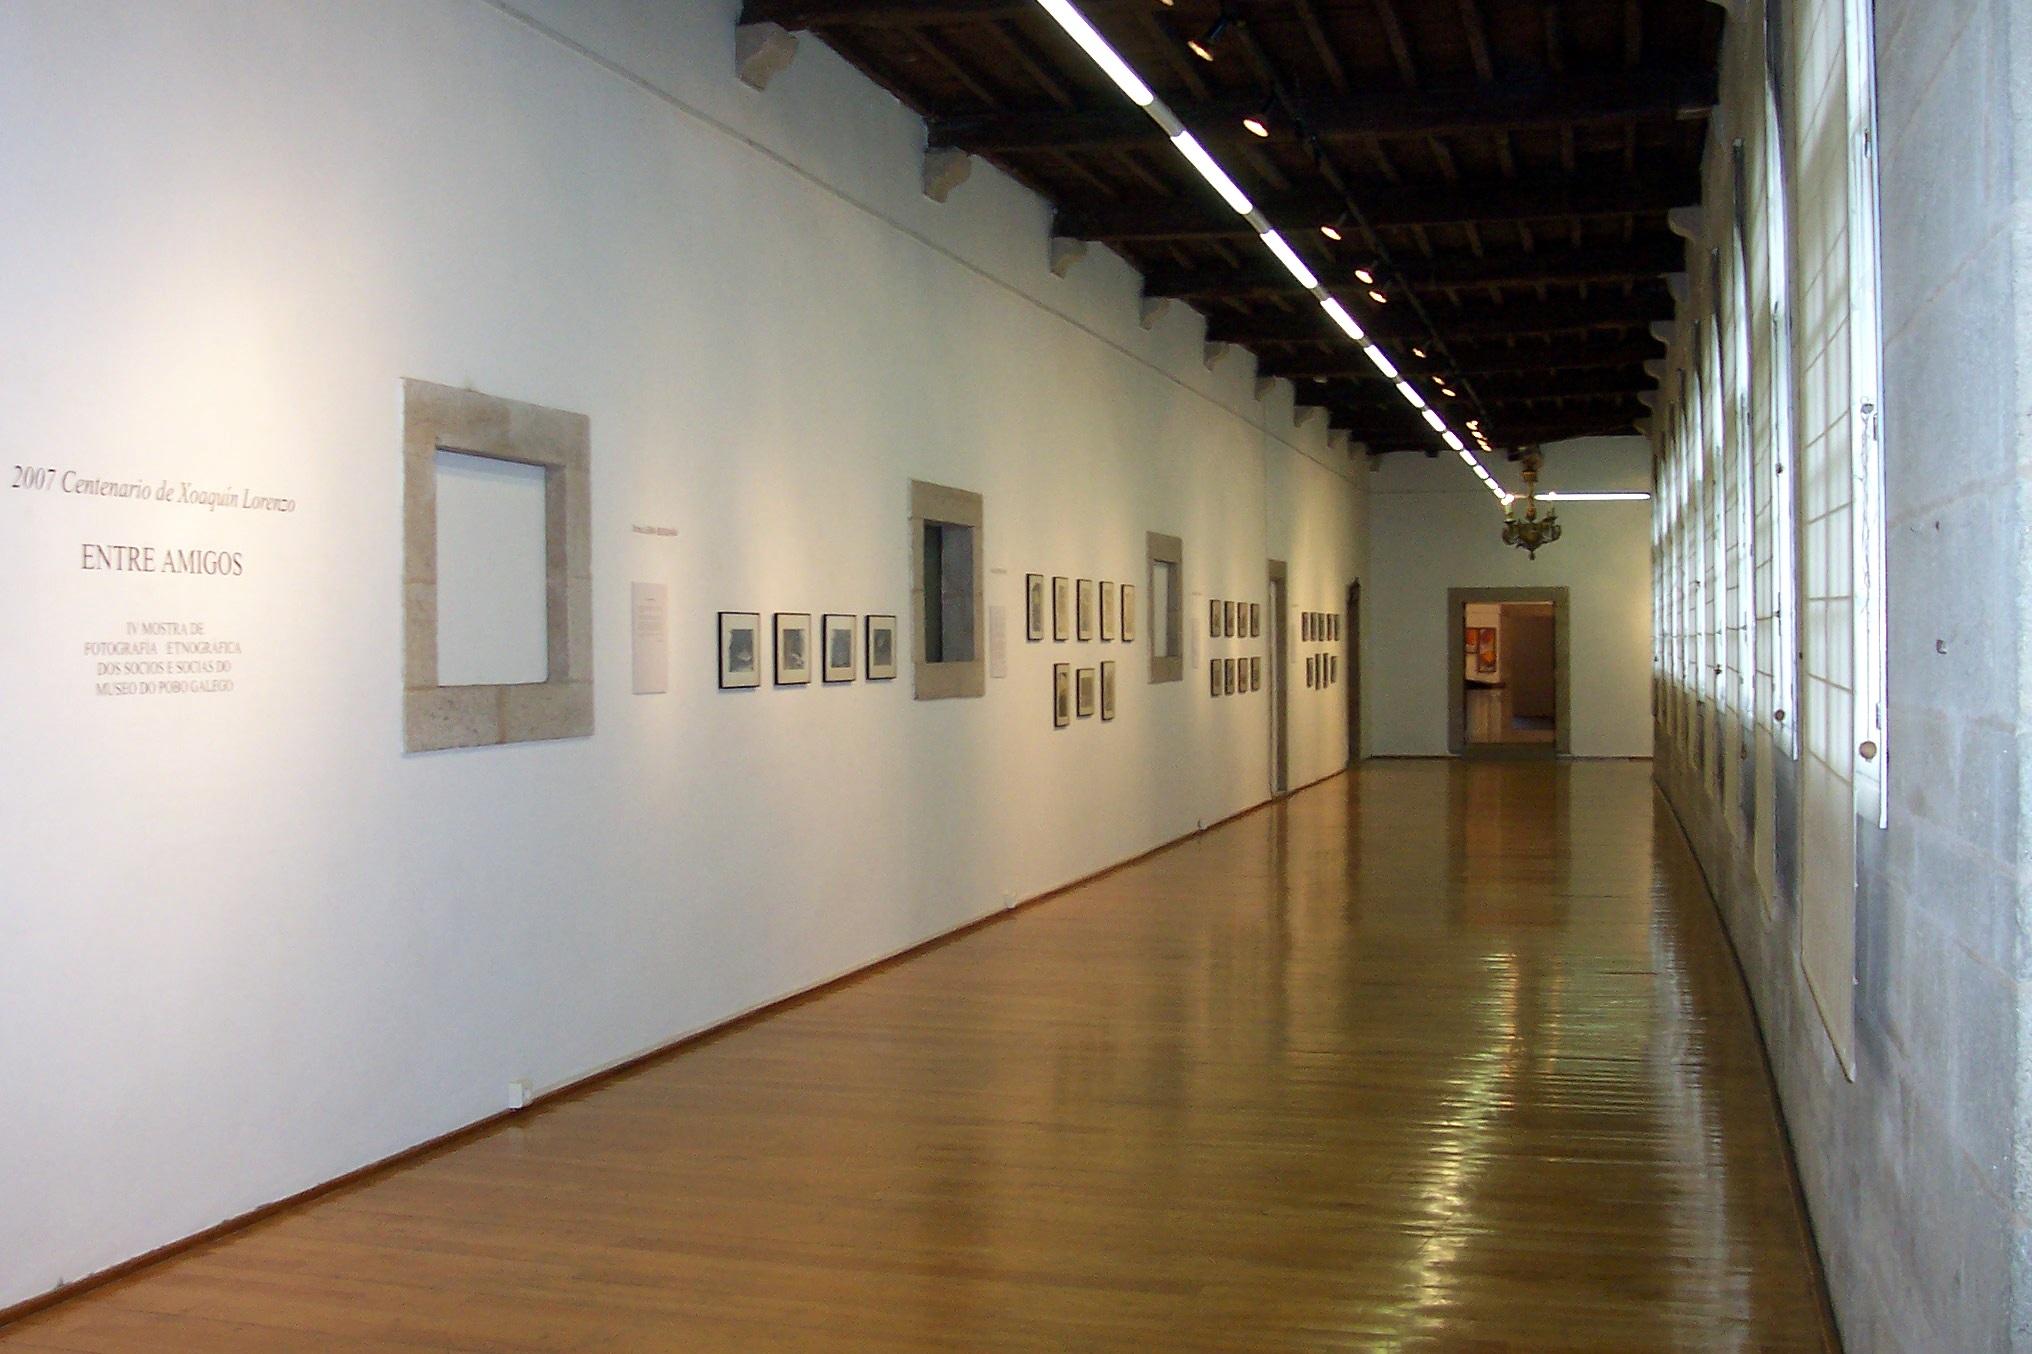 Archivo pasillo do museo do pobo wikipedia - Fotos de pasillos pintados ...